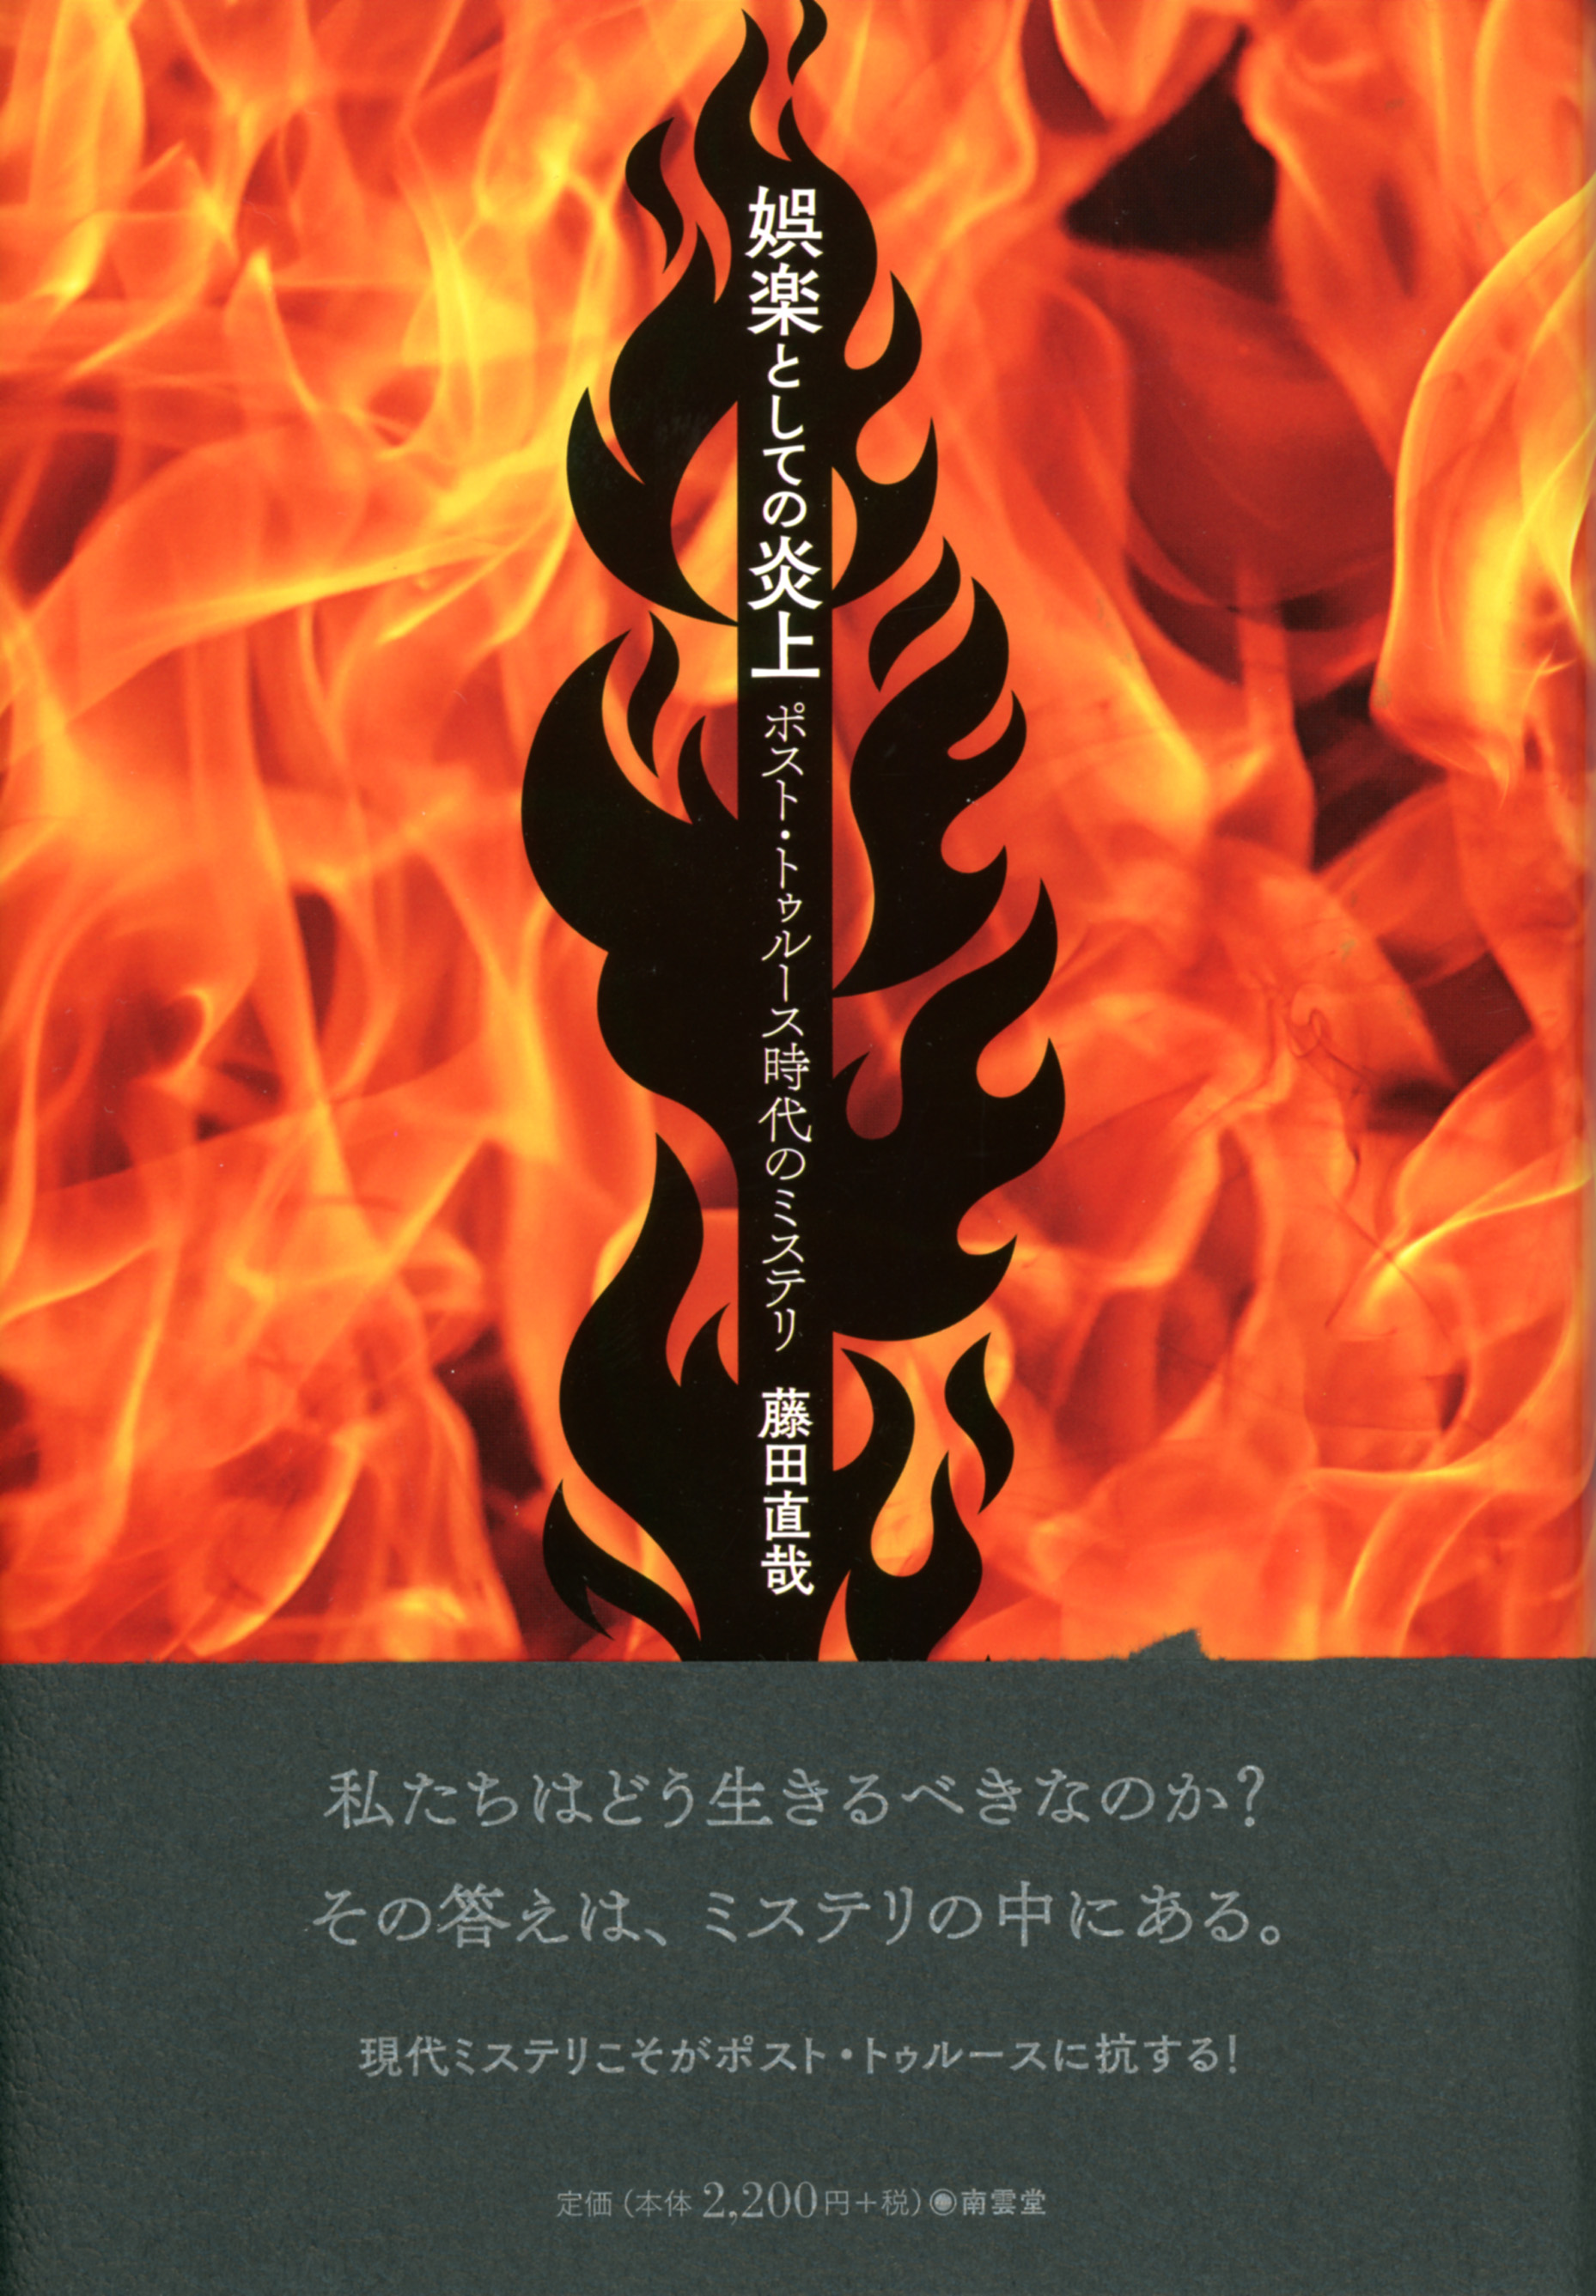 『娯楽としての炎上』が発売になりました